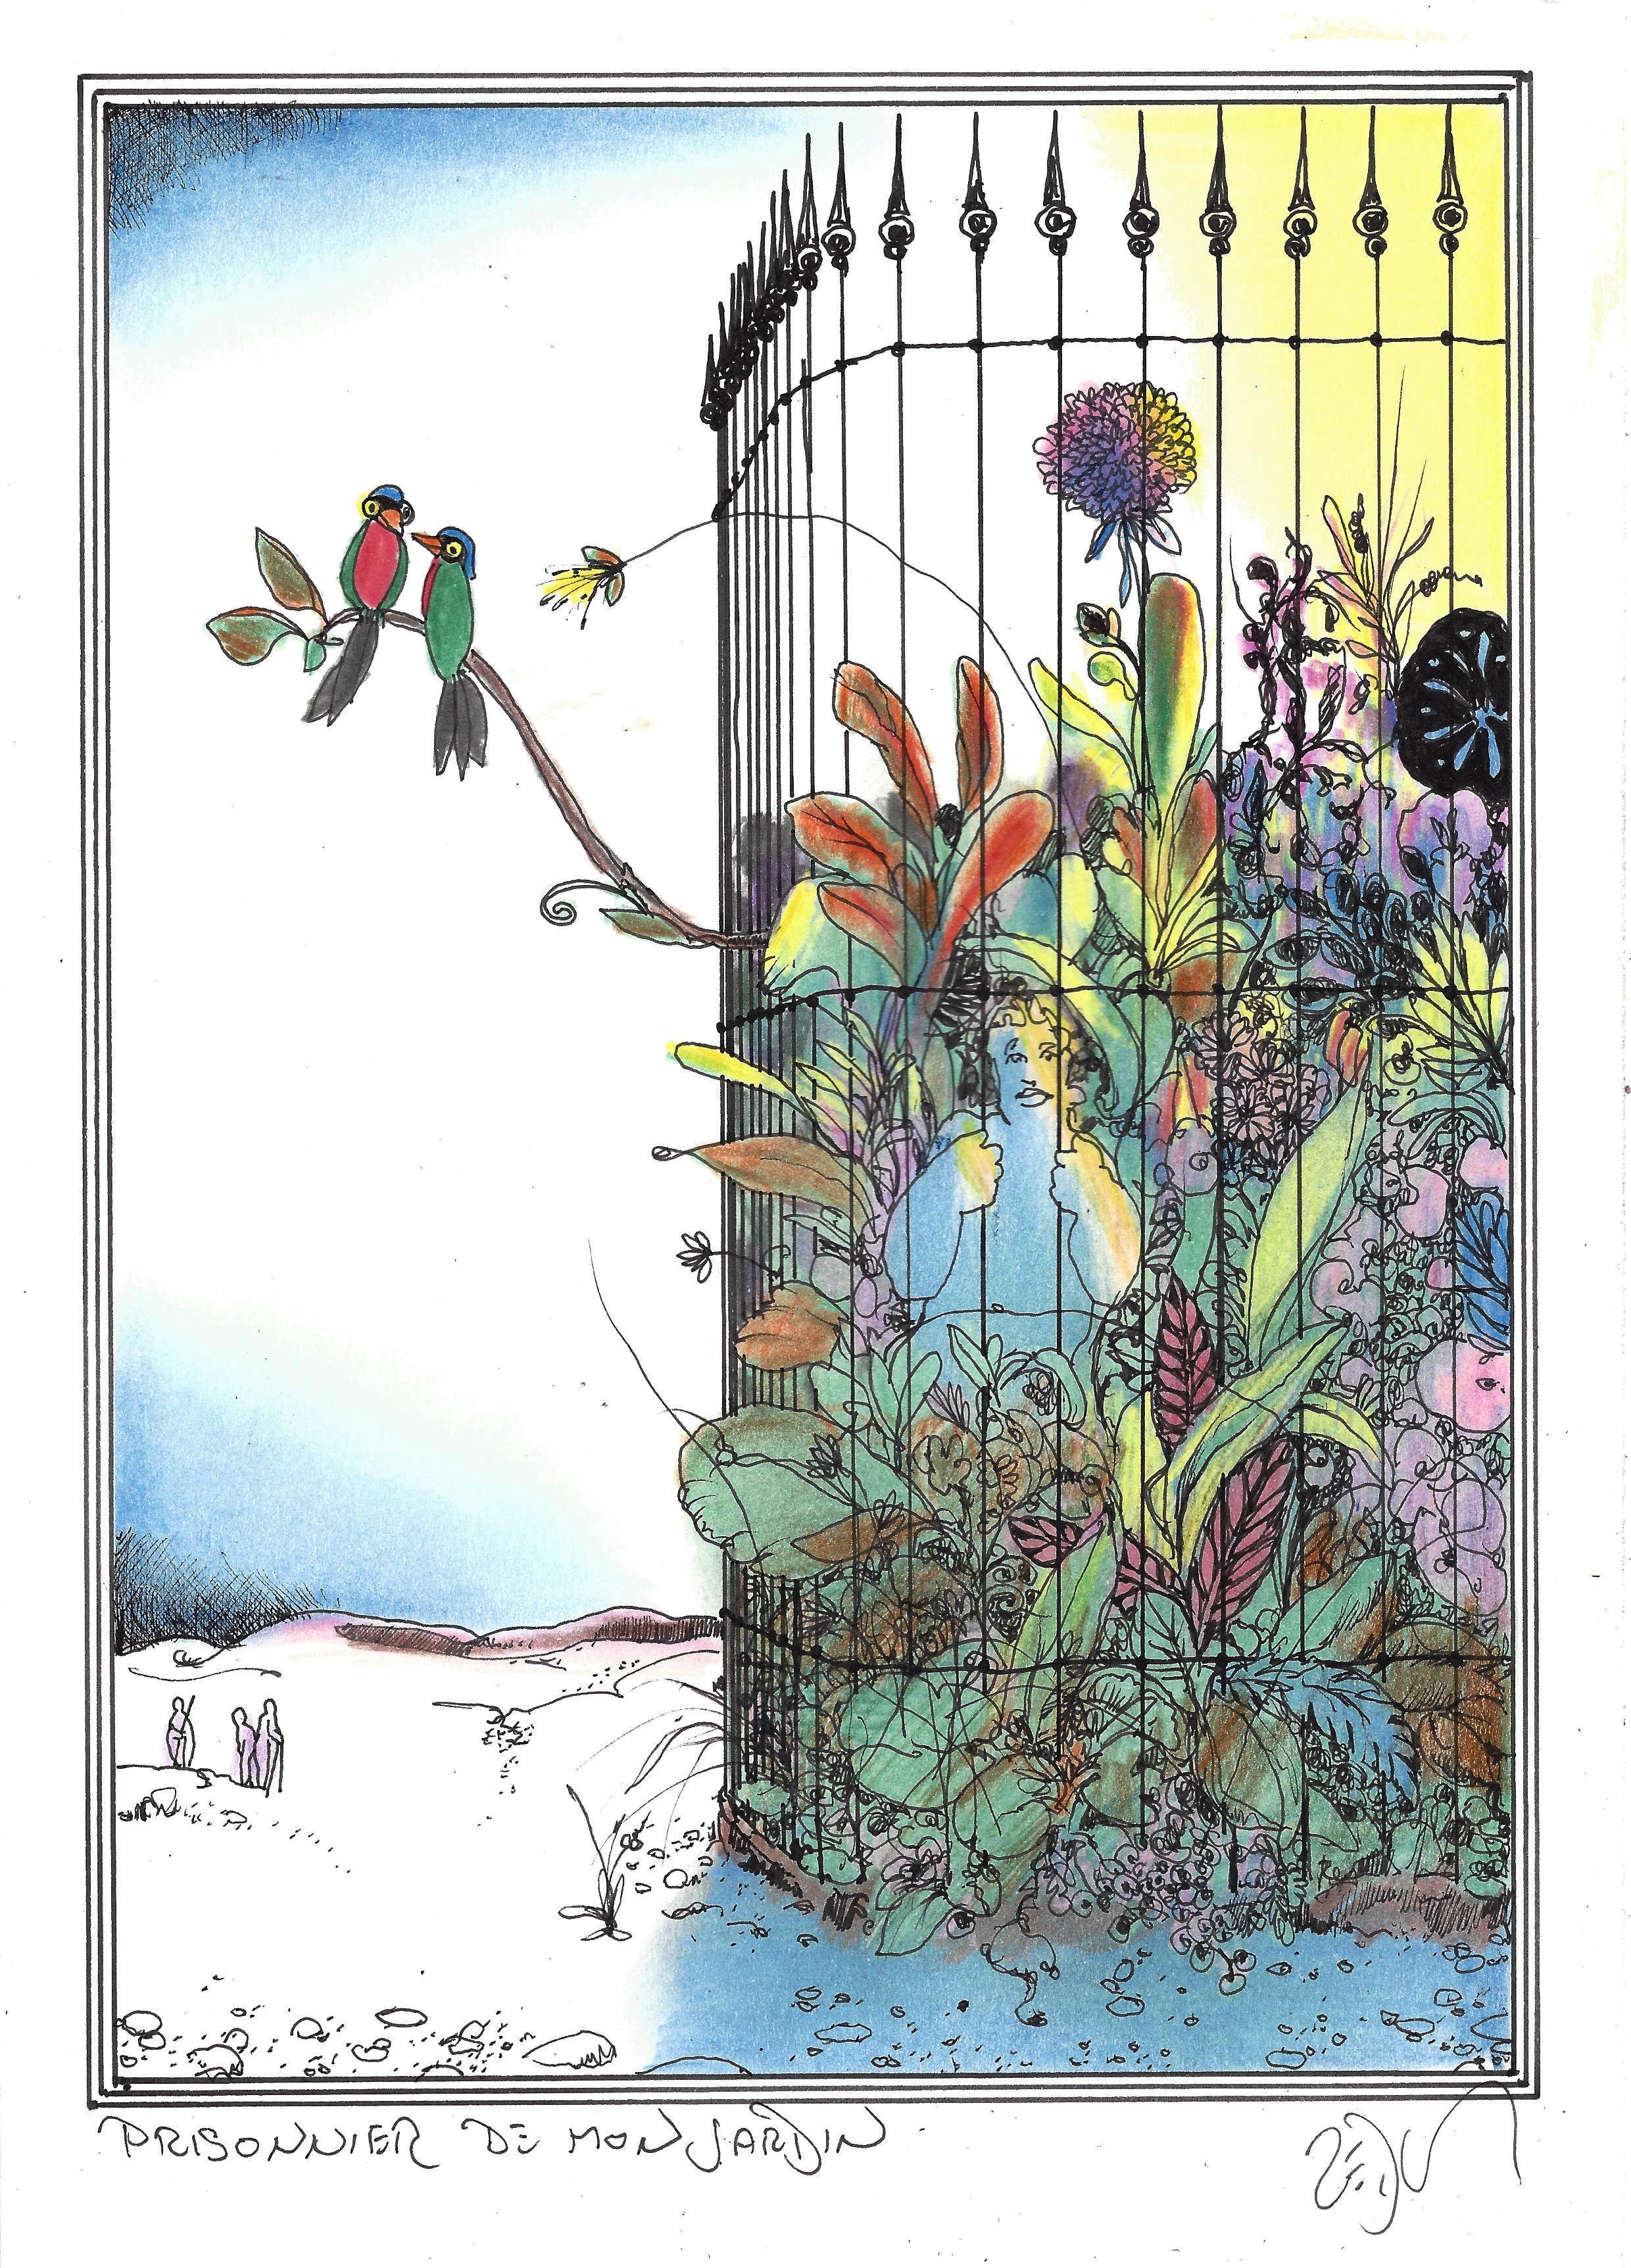 « Trapped in my garden – Prisonnier de mon jardin »